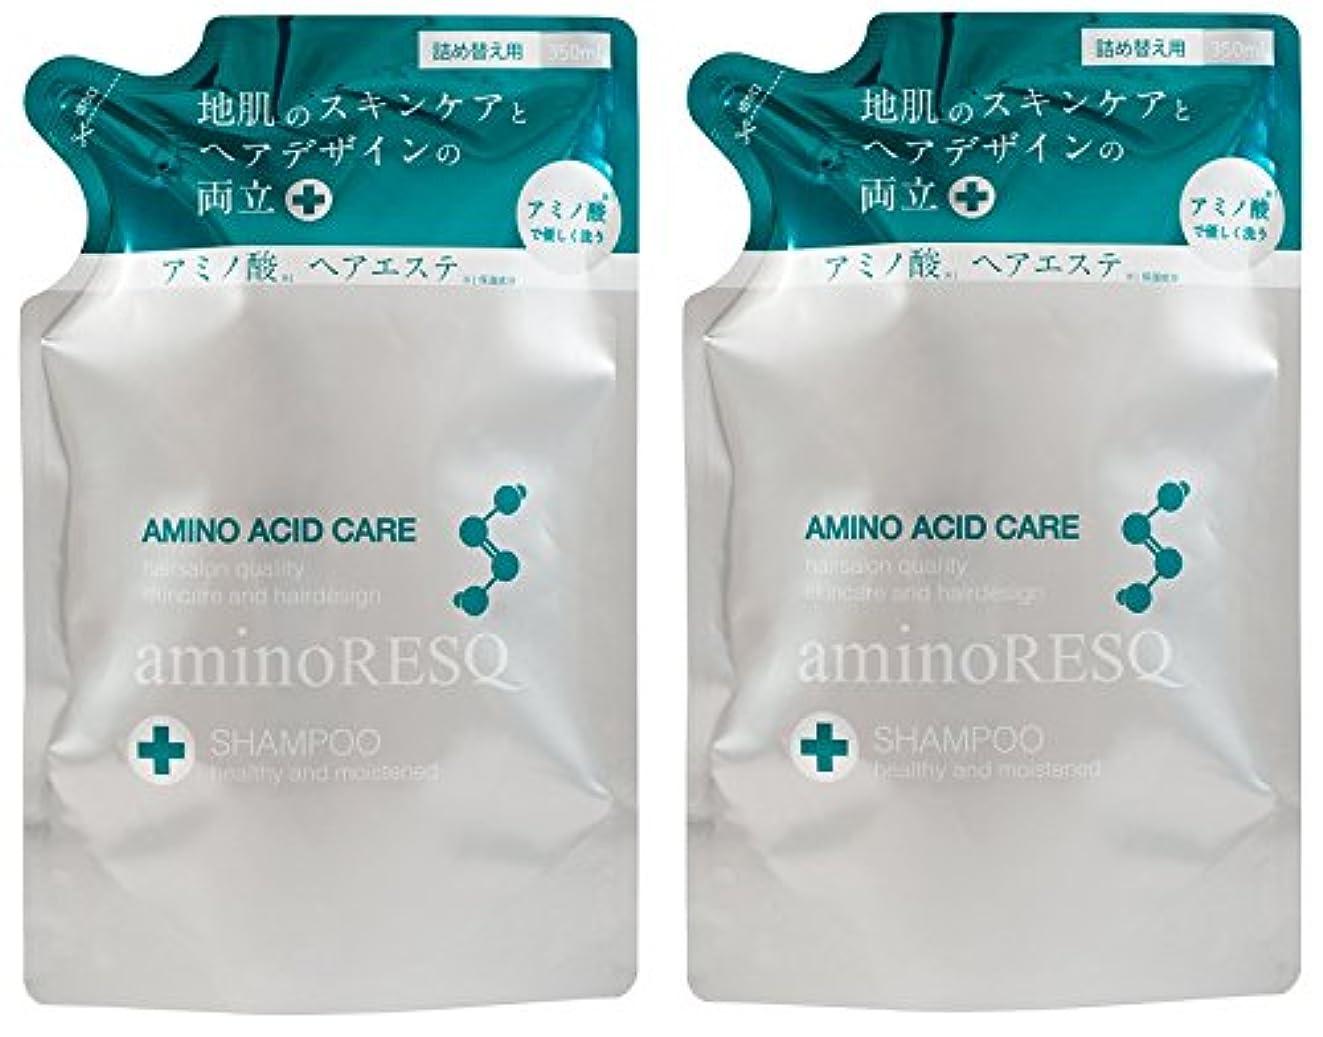 心理学予測する並外れた【2個セット】aminoRESQ アミノレスキュー シャンプー詰替